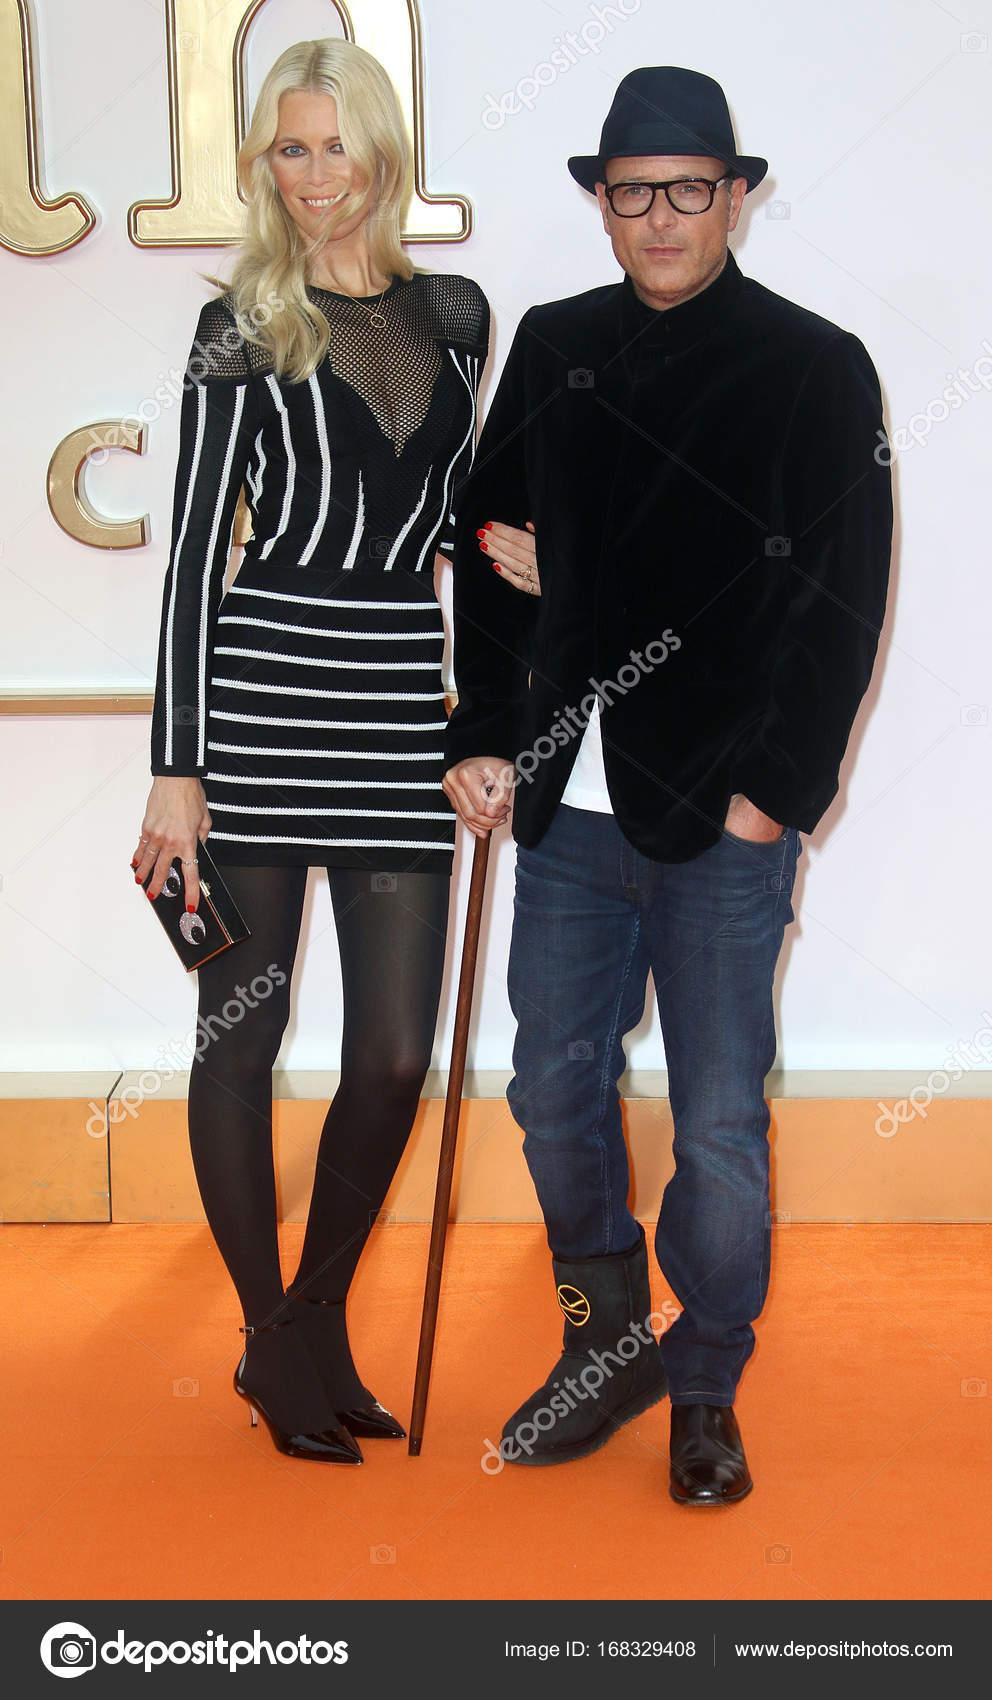 Claudia Schiffer y Matthew Vaughn– Fotografía editorial de stock 4b6ae2bdd4c2